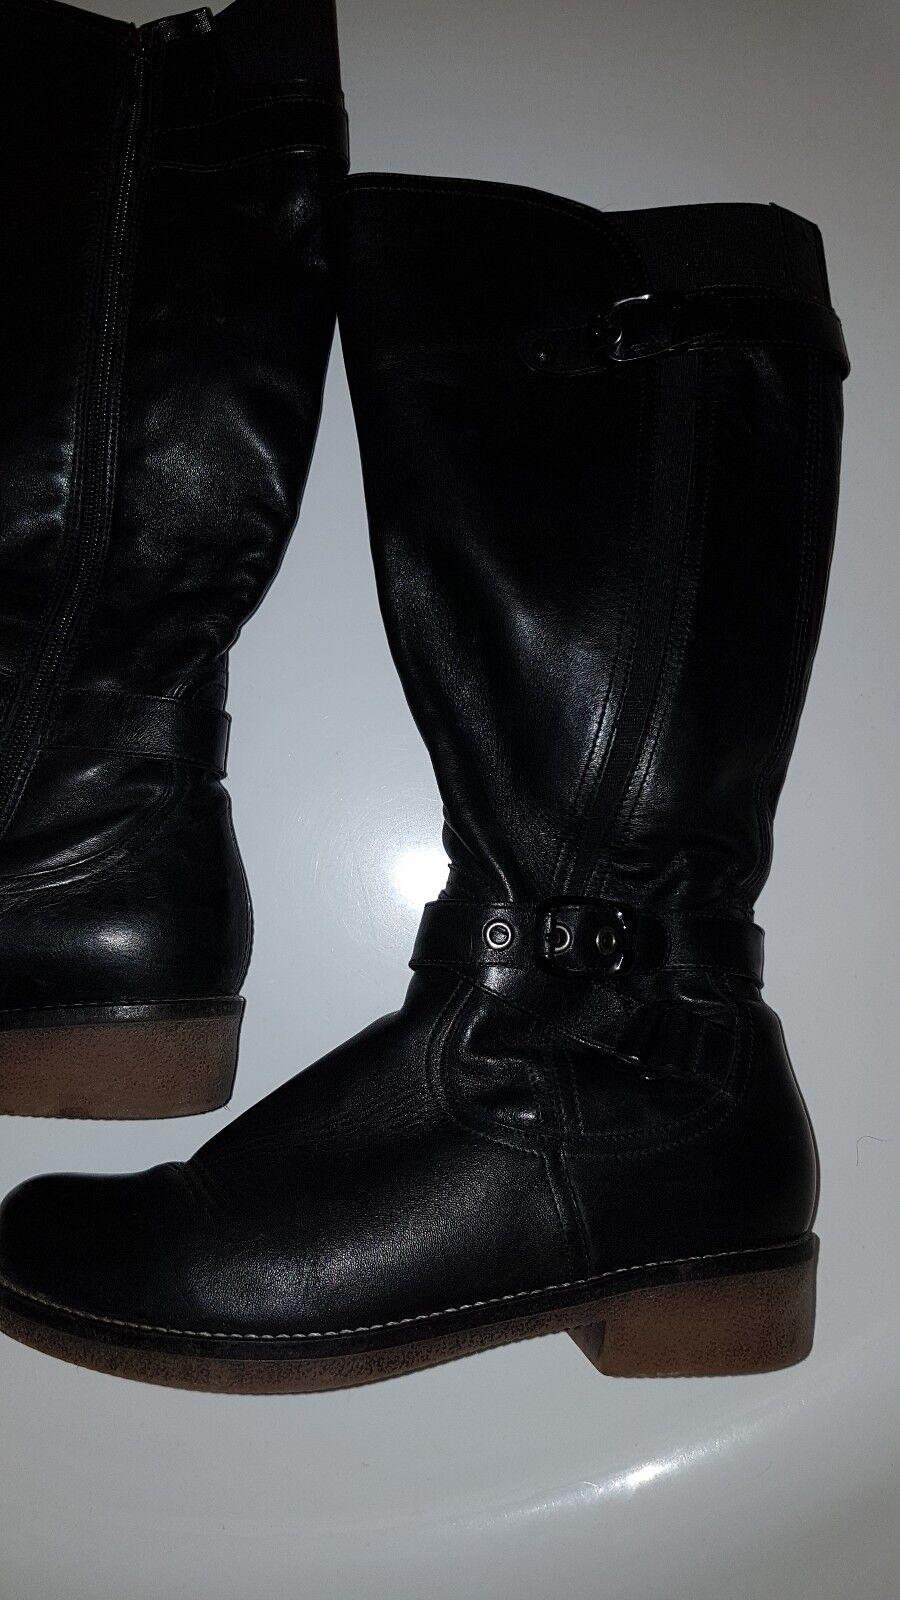 Eleganter  Stiefel von ARA, schwarz, Grösse 4 1 2  (37 1 3), Neu    Erste Qualität    Ruf zuerst    Schön